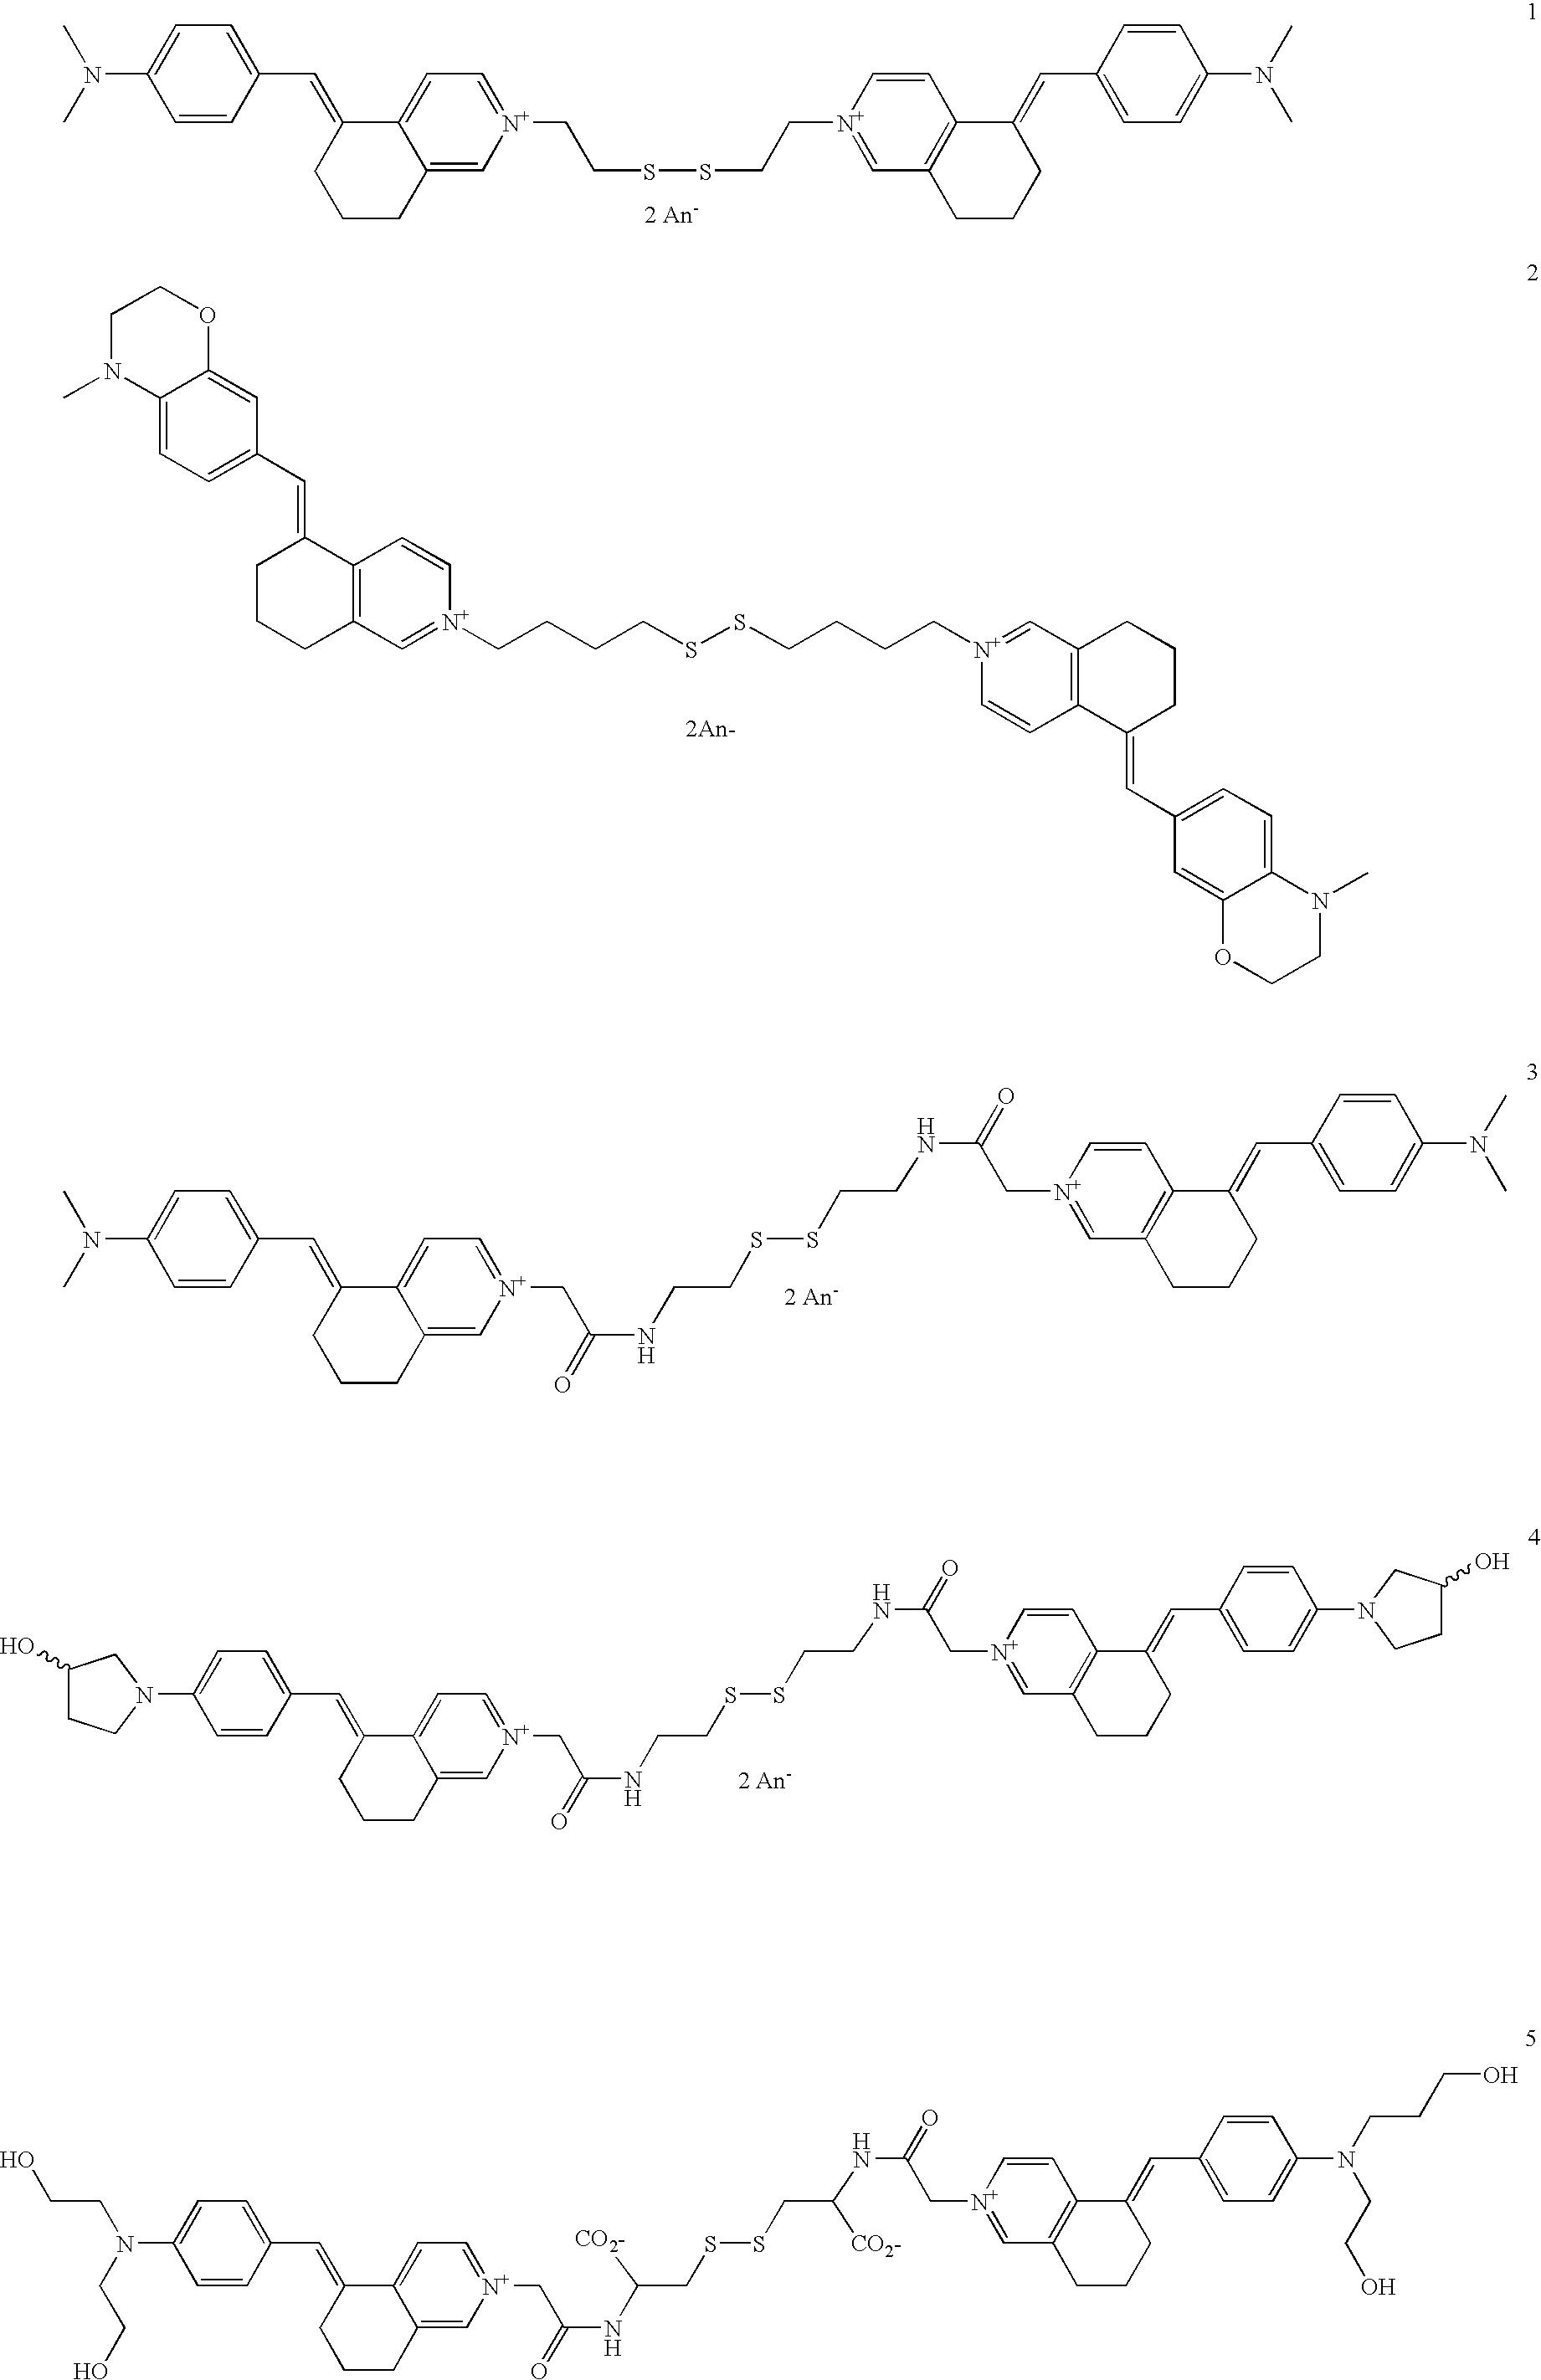 Figure US20090126125A1-20090521-C00008